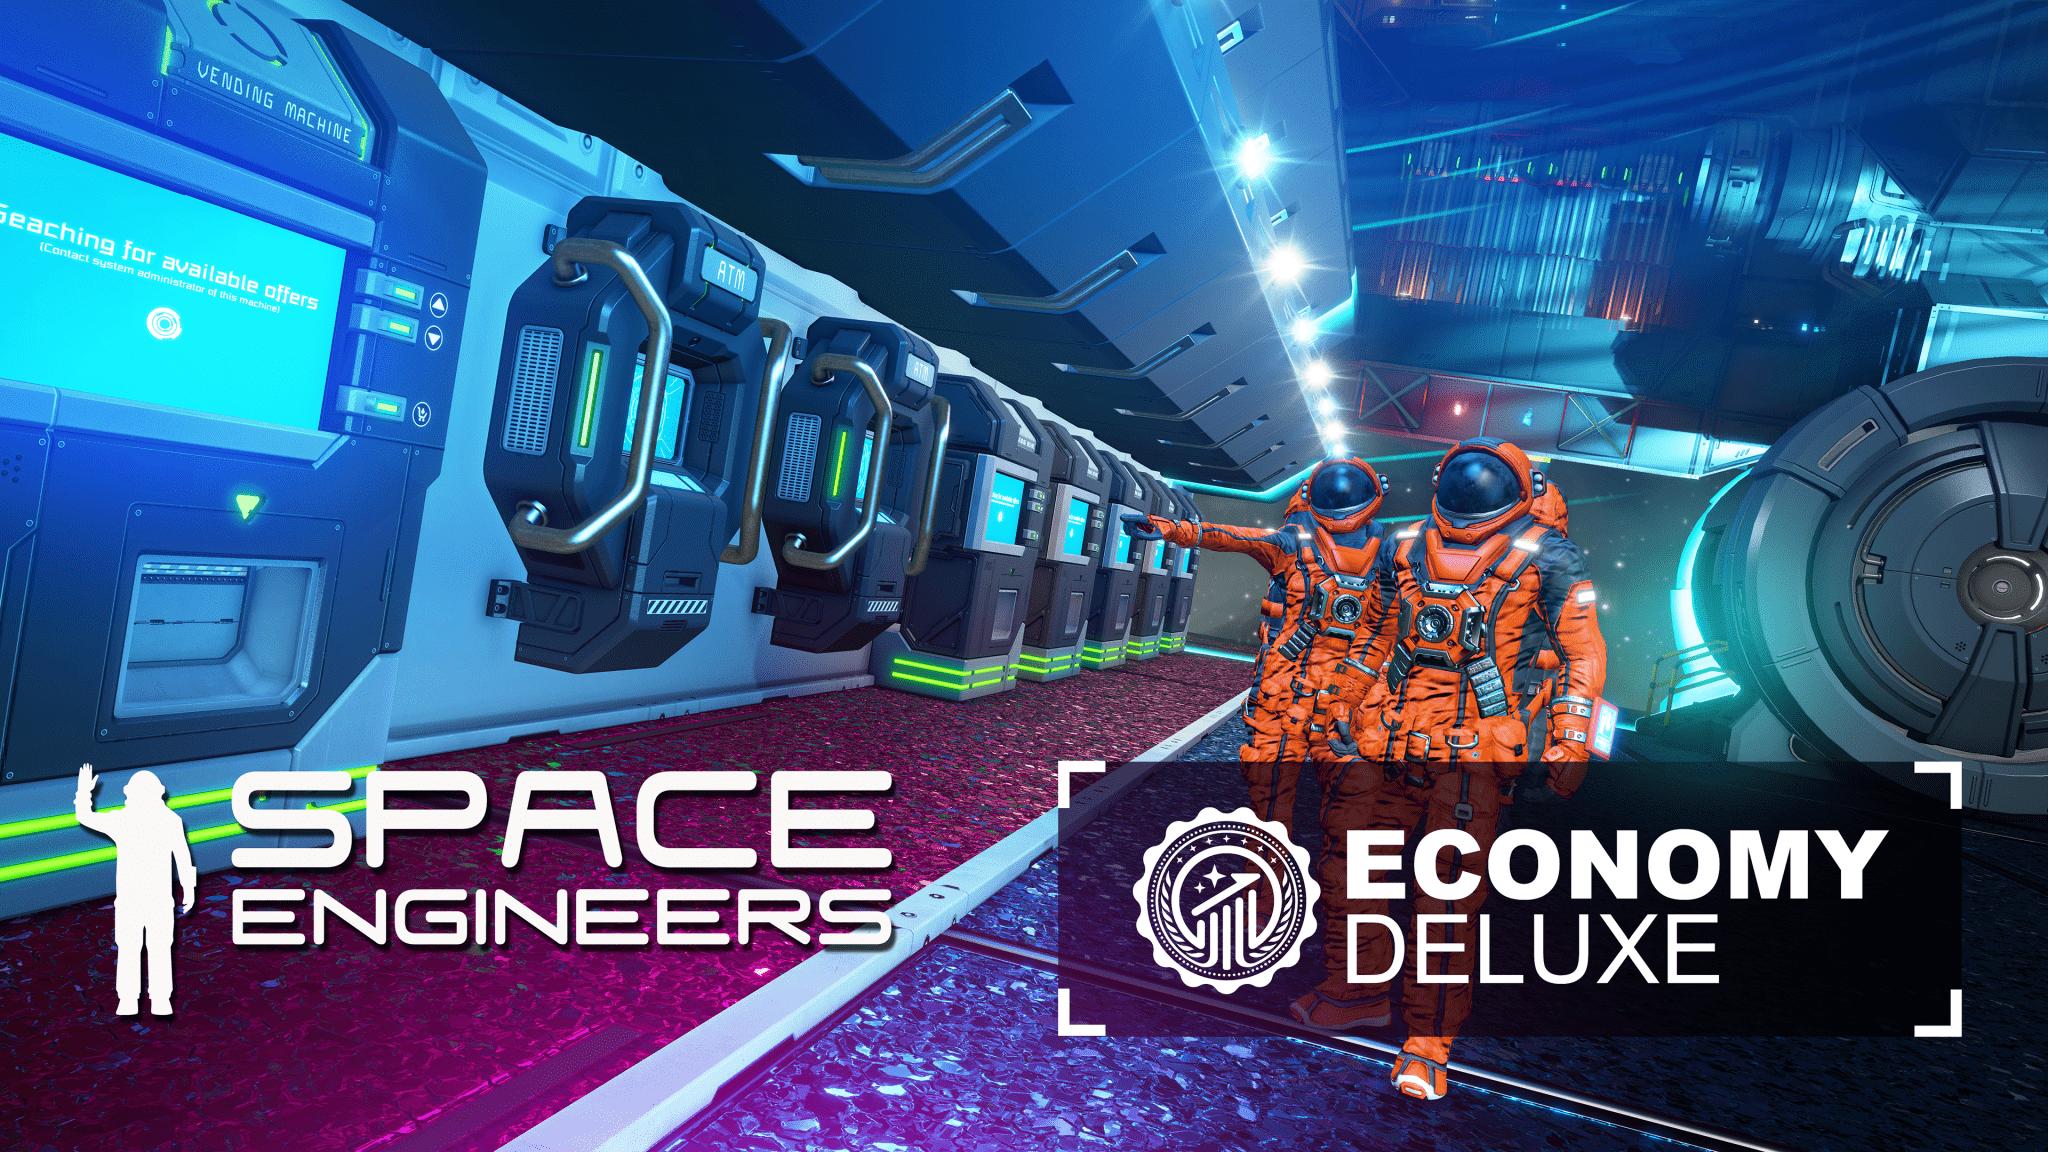 Space Engineers Economy Deluxe